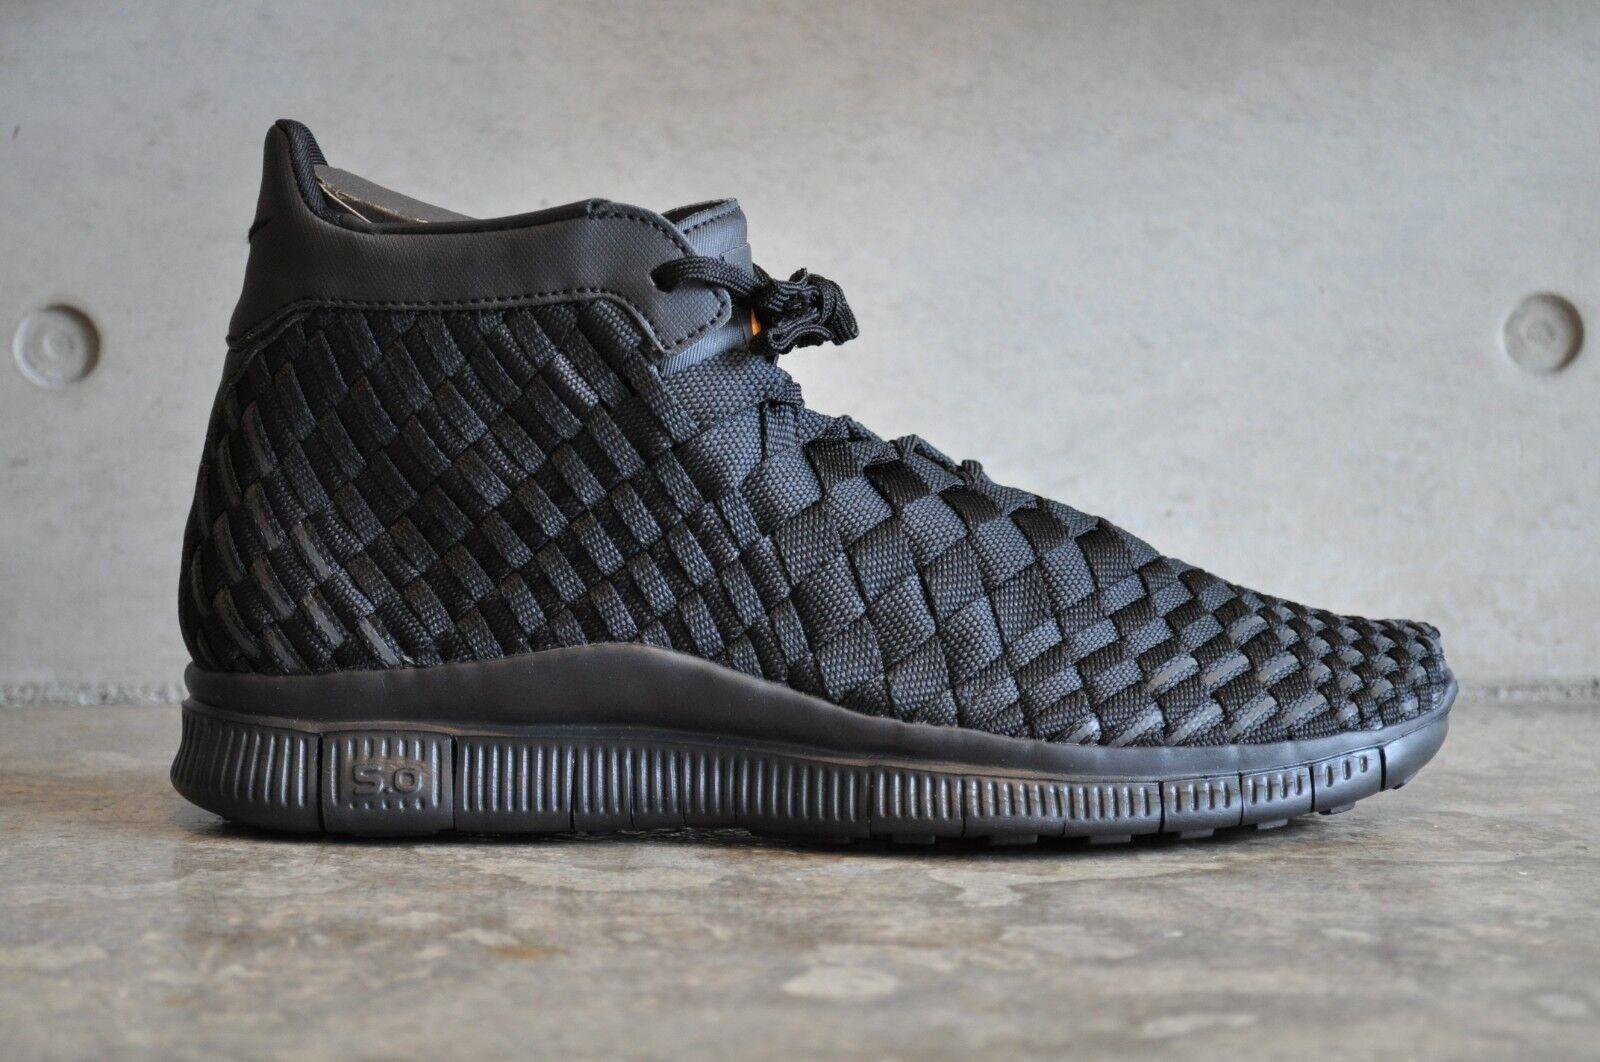 3ad179370b2a4 Nike Inneva Woven Mid SP Triple Black - Black black 7 UK 41 EUR 8 US ...